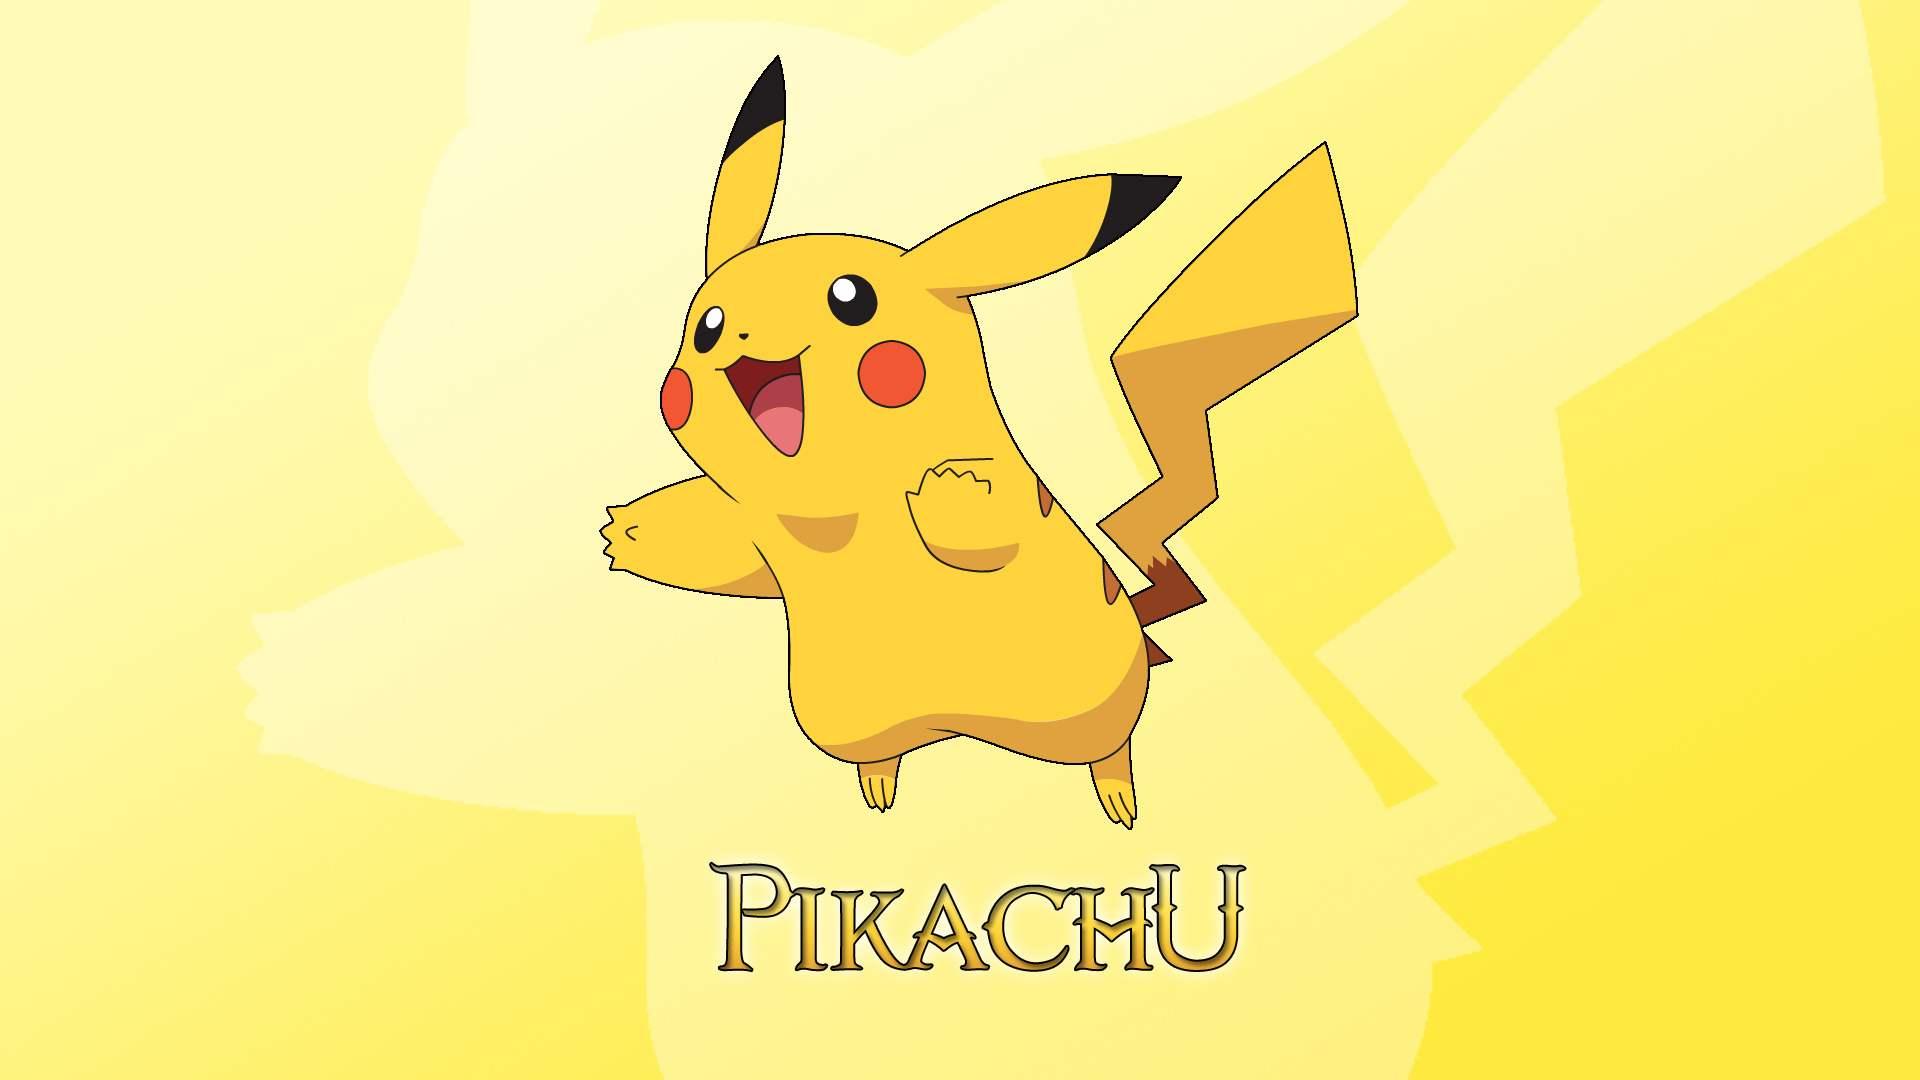 Ảnh nền Pikachu dễ thương